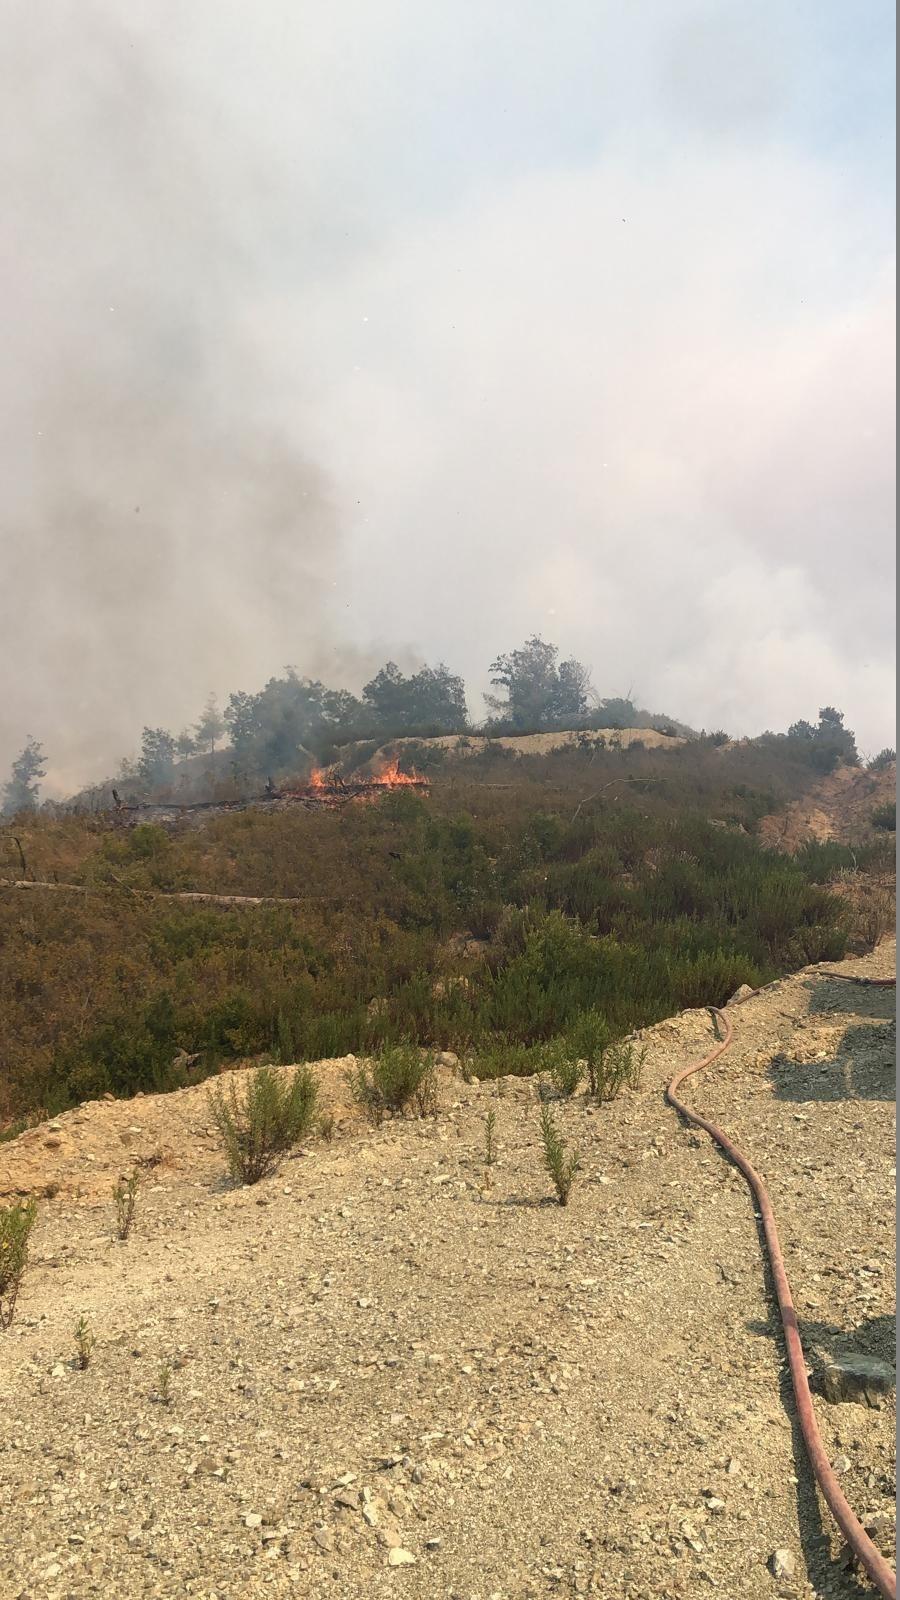 Suriye'de çıkan orman yangını Türkiye'ye sıçradı